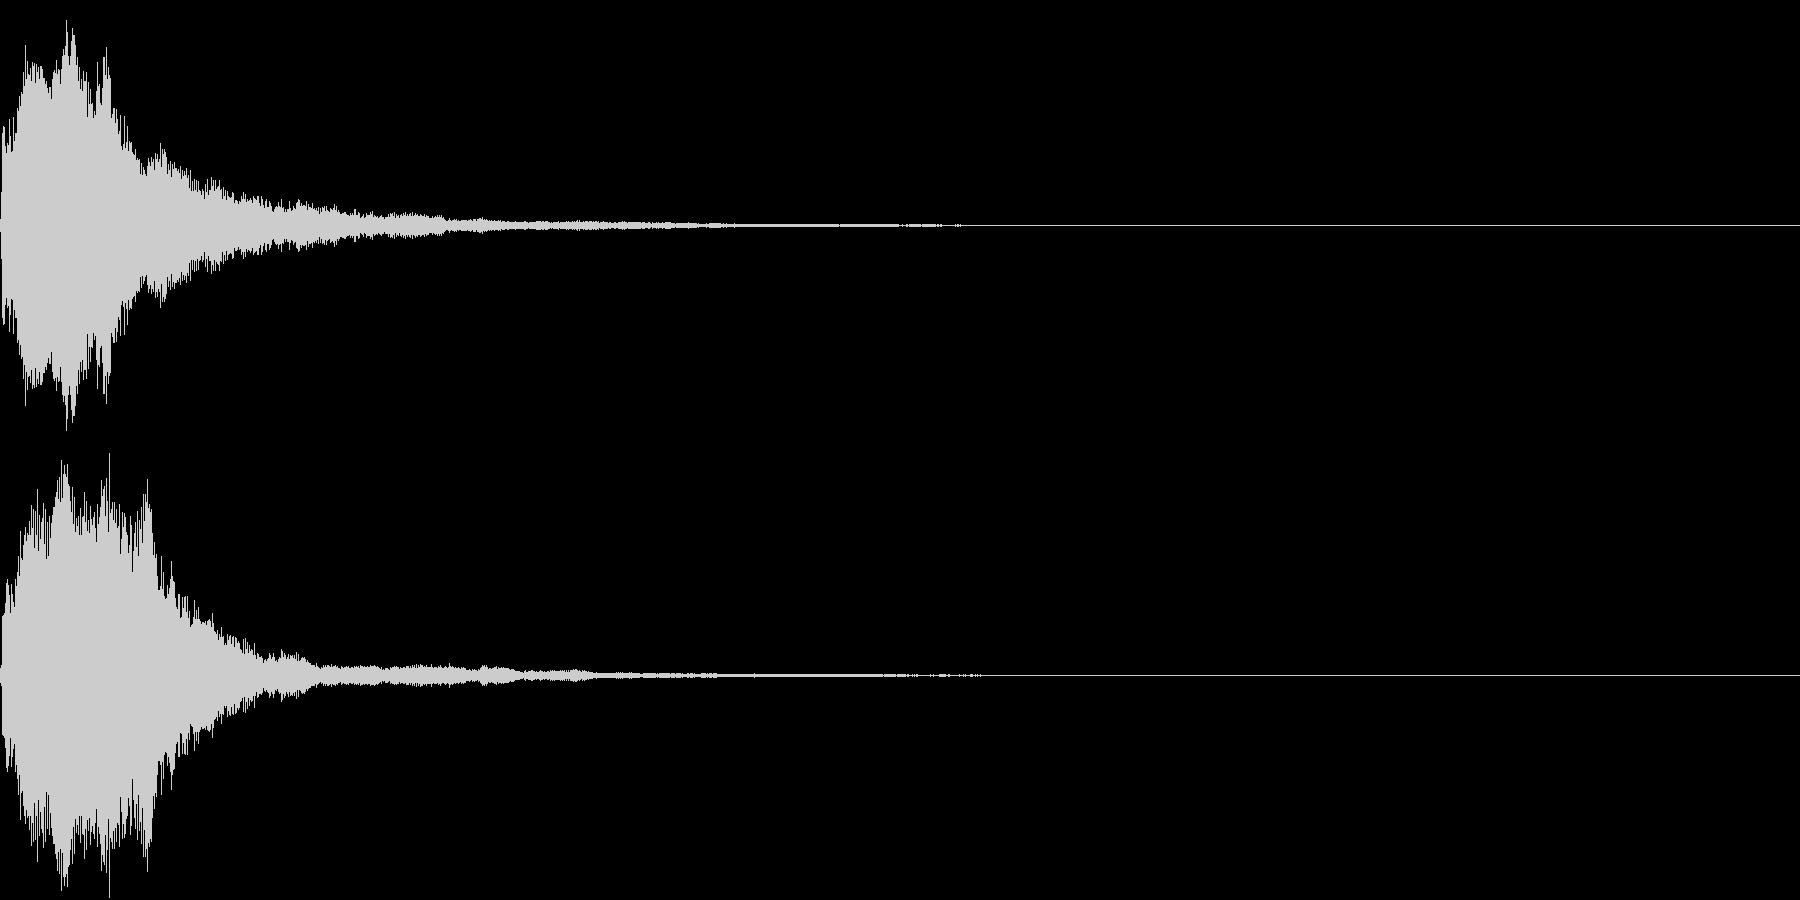 キラキラ 発見 見つける 発明 開始 2の未再生の波形